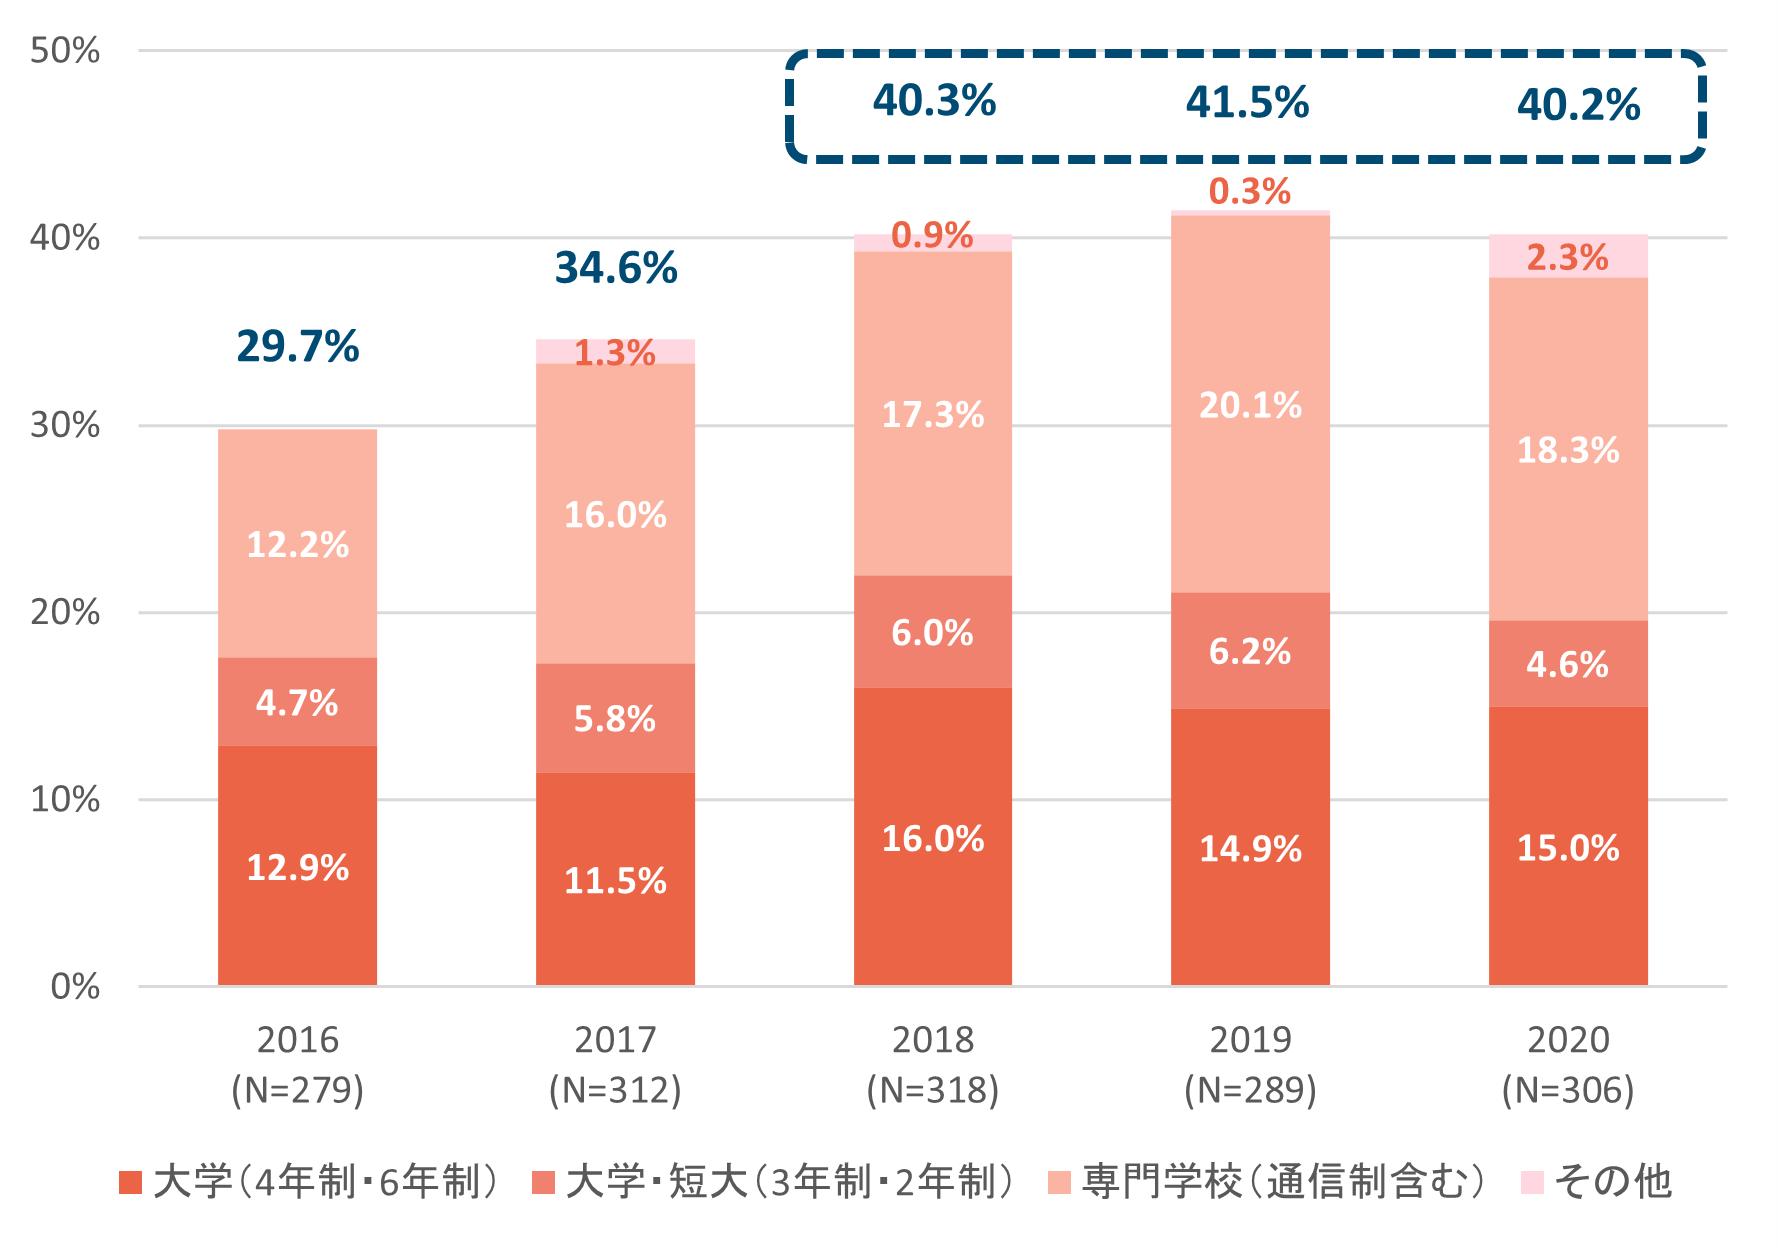 棒グラフ:経済的な不安3_施設生活経験者のうち、高校卒業者の進学率(進学率は徐々に上がっていき、2010年代後半ごろには3割を超えるようになっている)